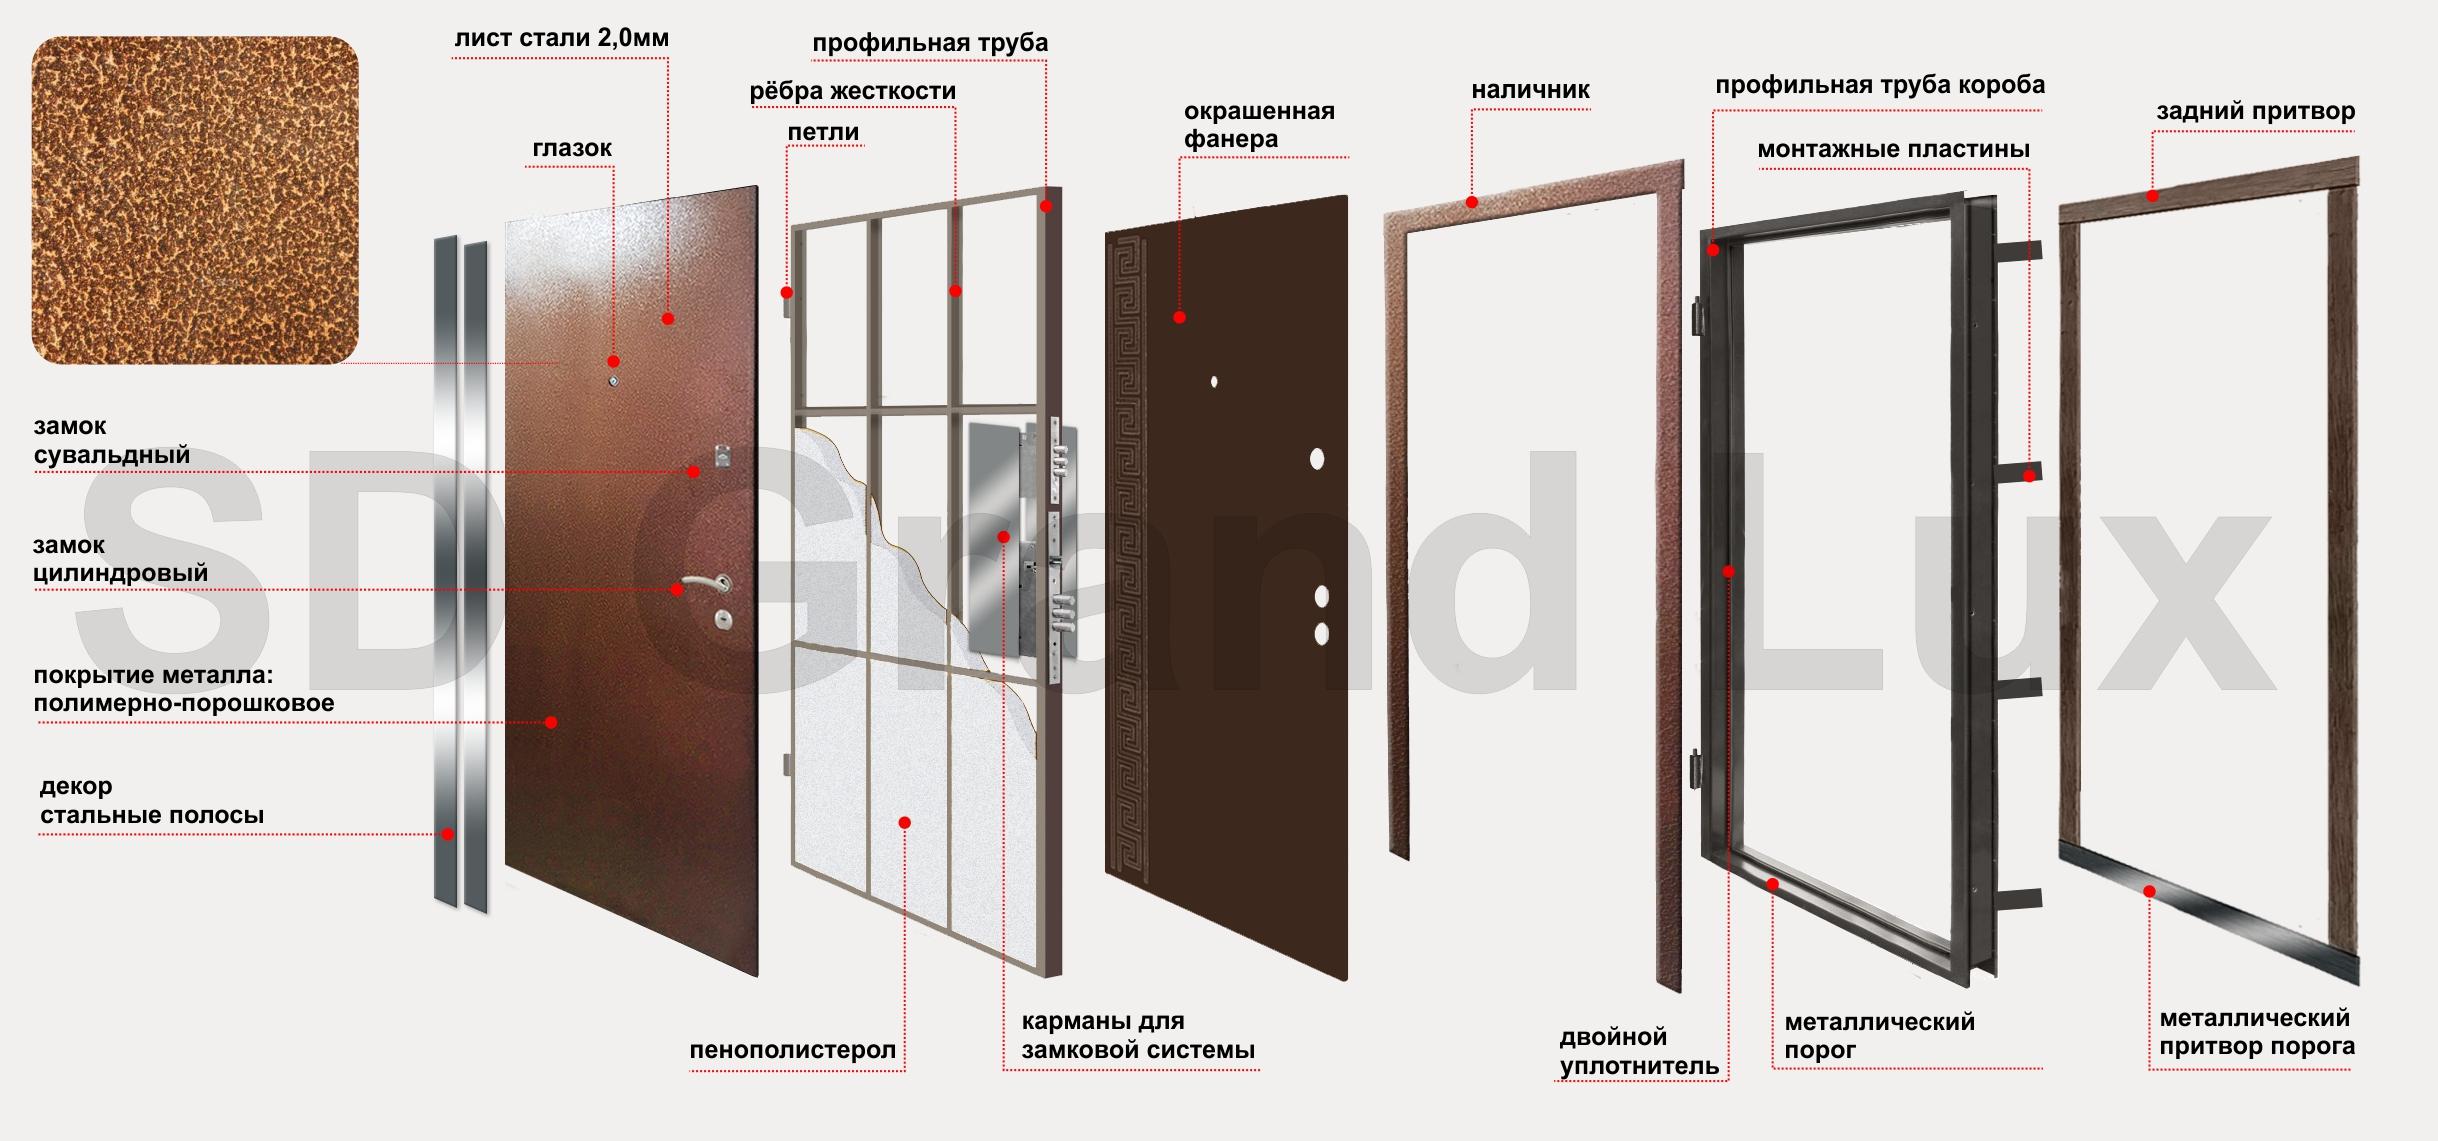 купить металлическую дверь на строительных рынках